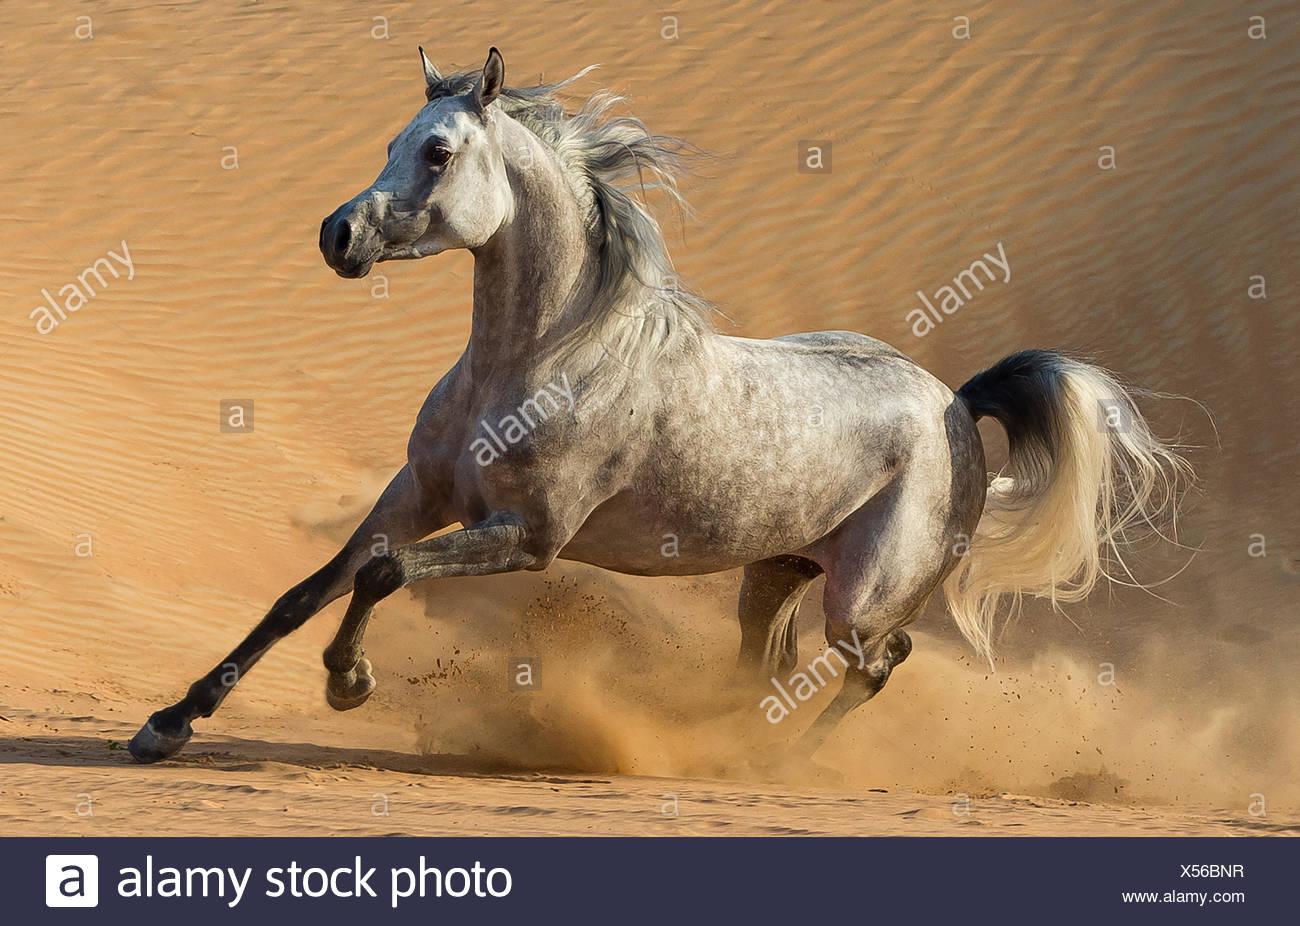 horses running in desert stock photos amp horses running in